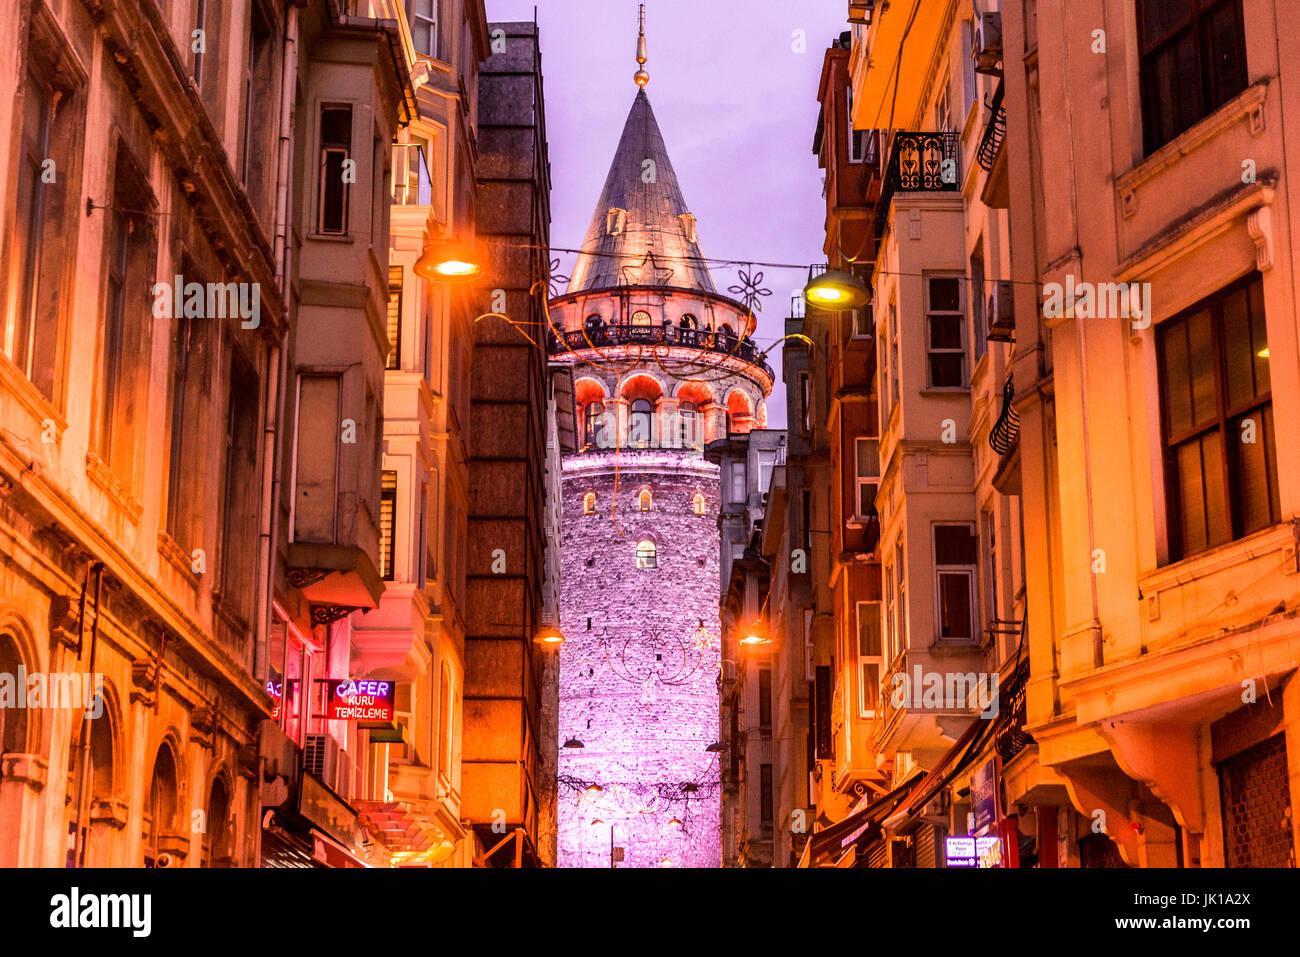 Vue de nuit sur la vieille rue étroite avec la tour de Galata (Galata Kulesi): Turc appelé Christ Photo Stock